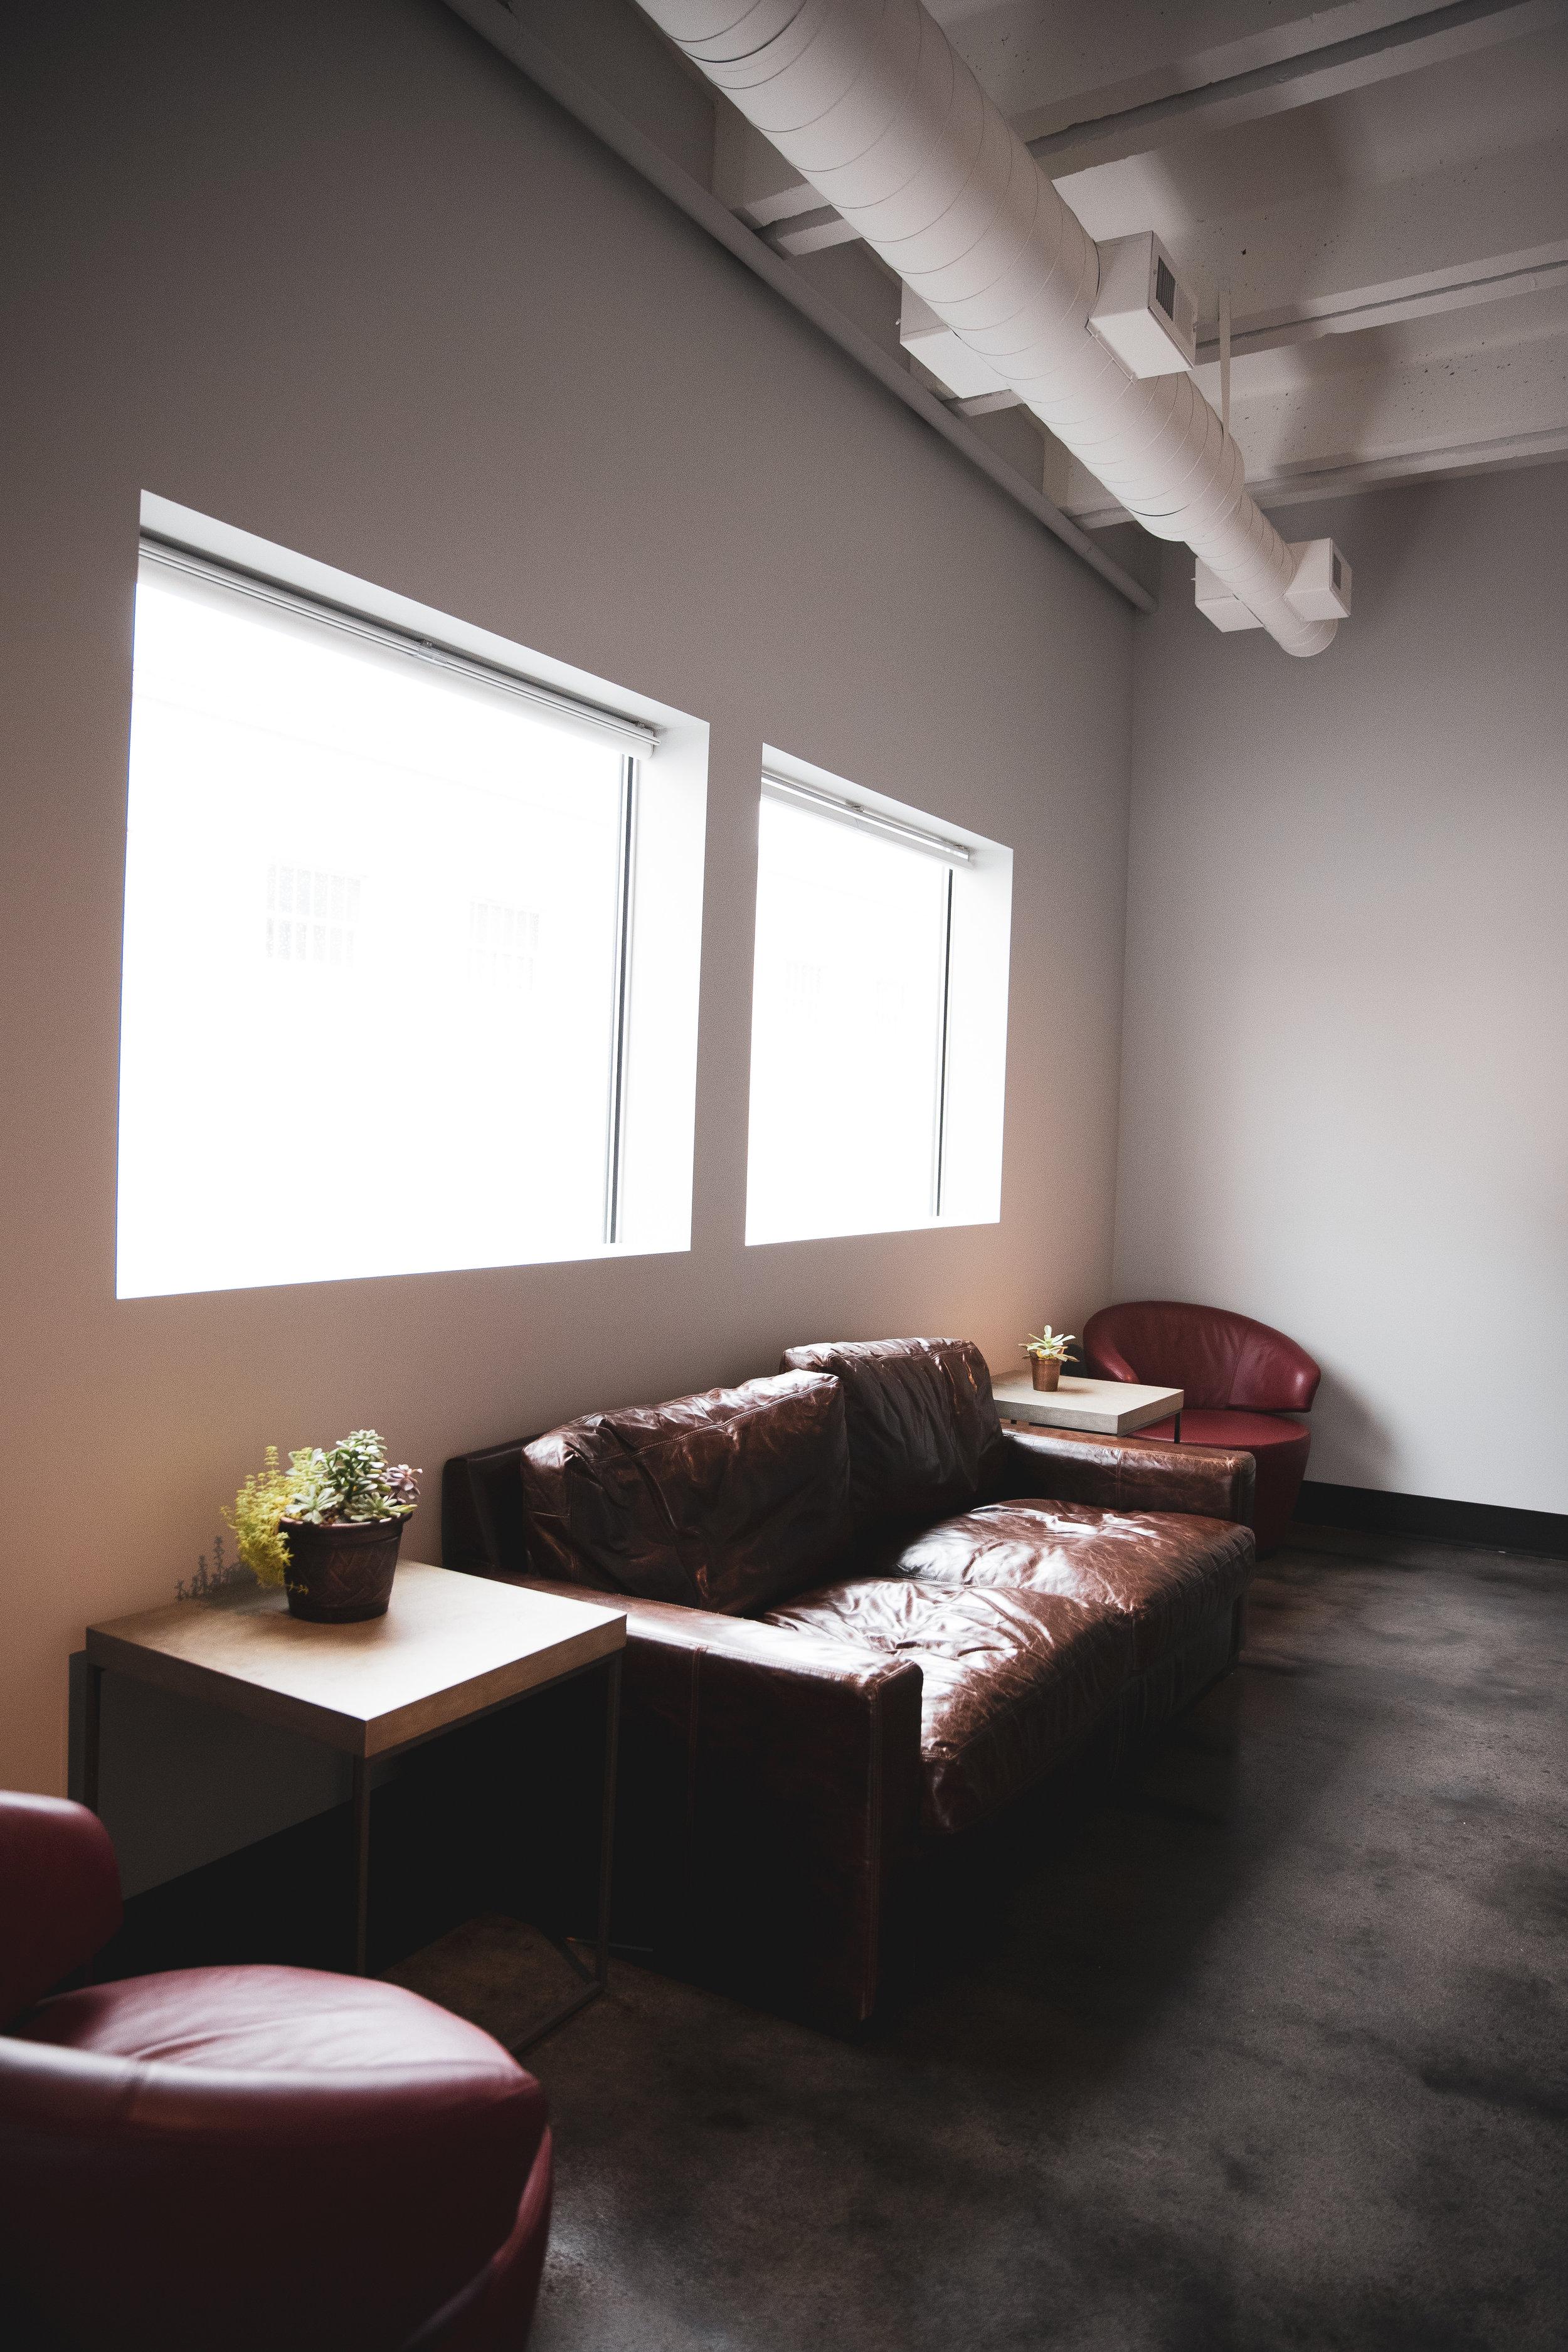 coffeeshop-photography-9I0572.jpg